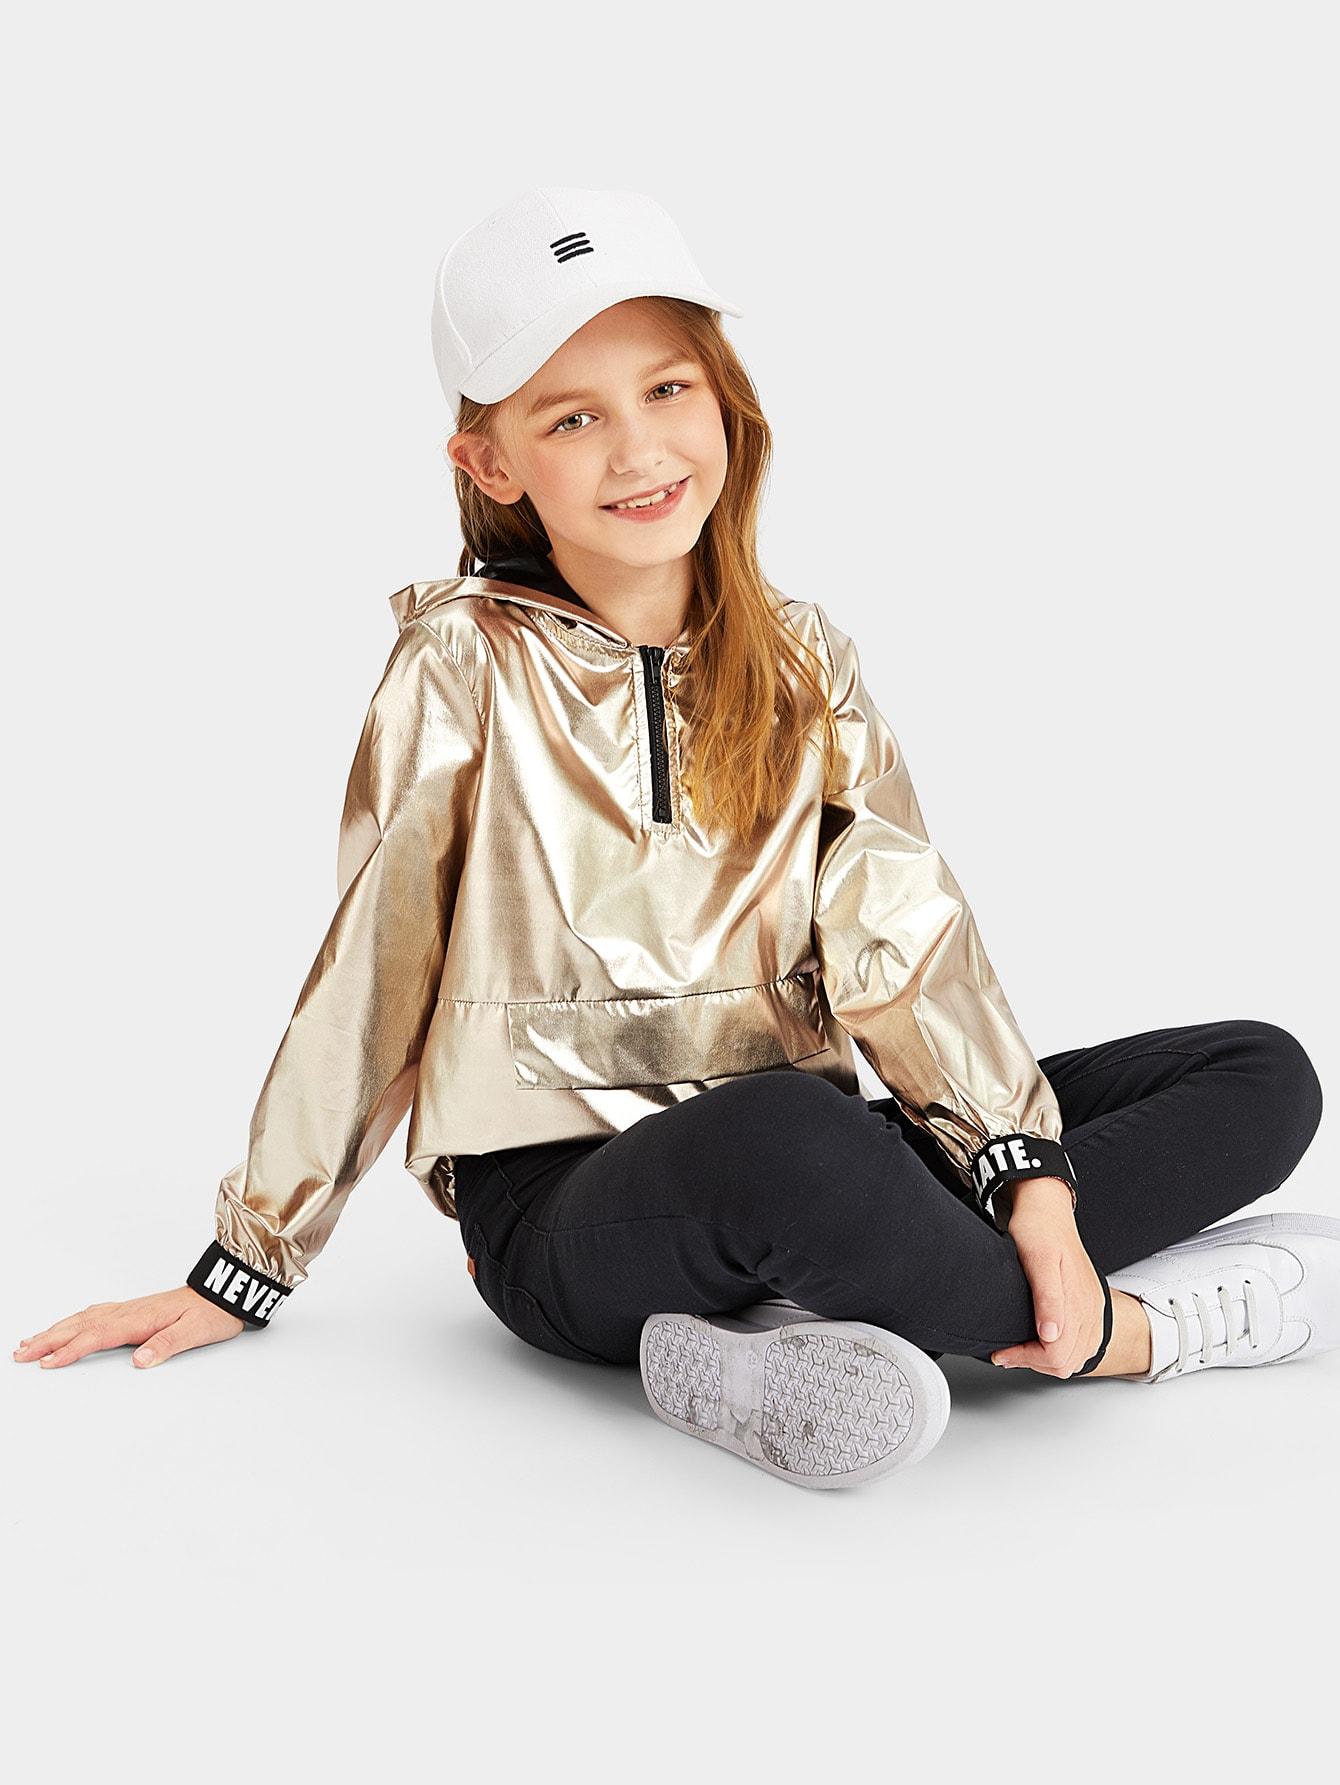 Купить Женская металлическая куртка с капюшоном и молнией текстовым принтом, Sashab, SheIn